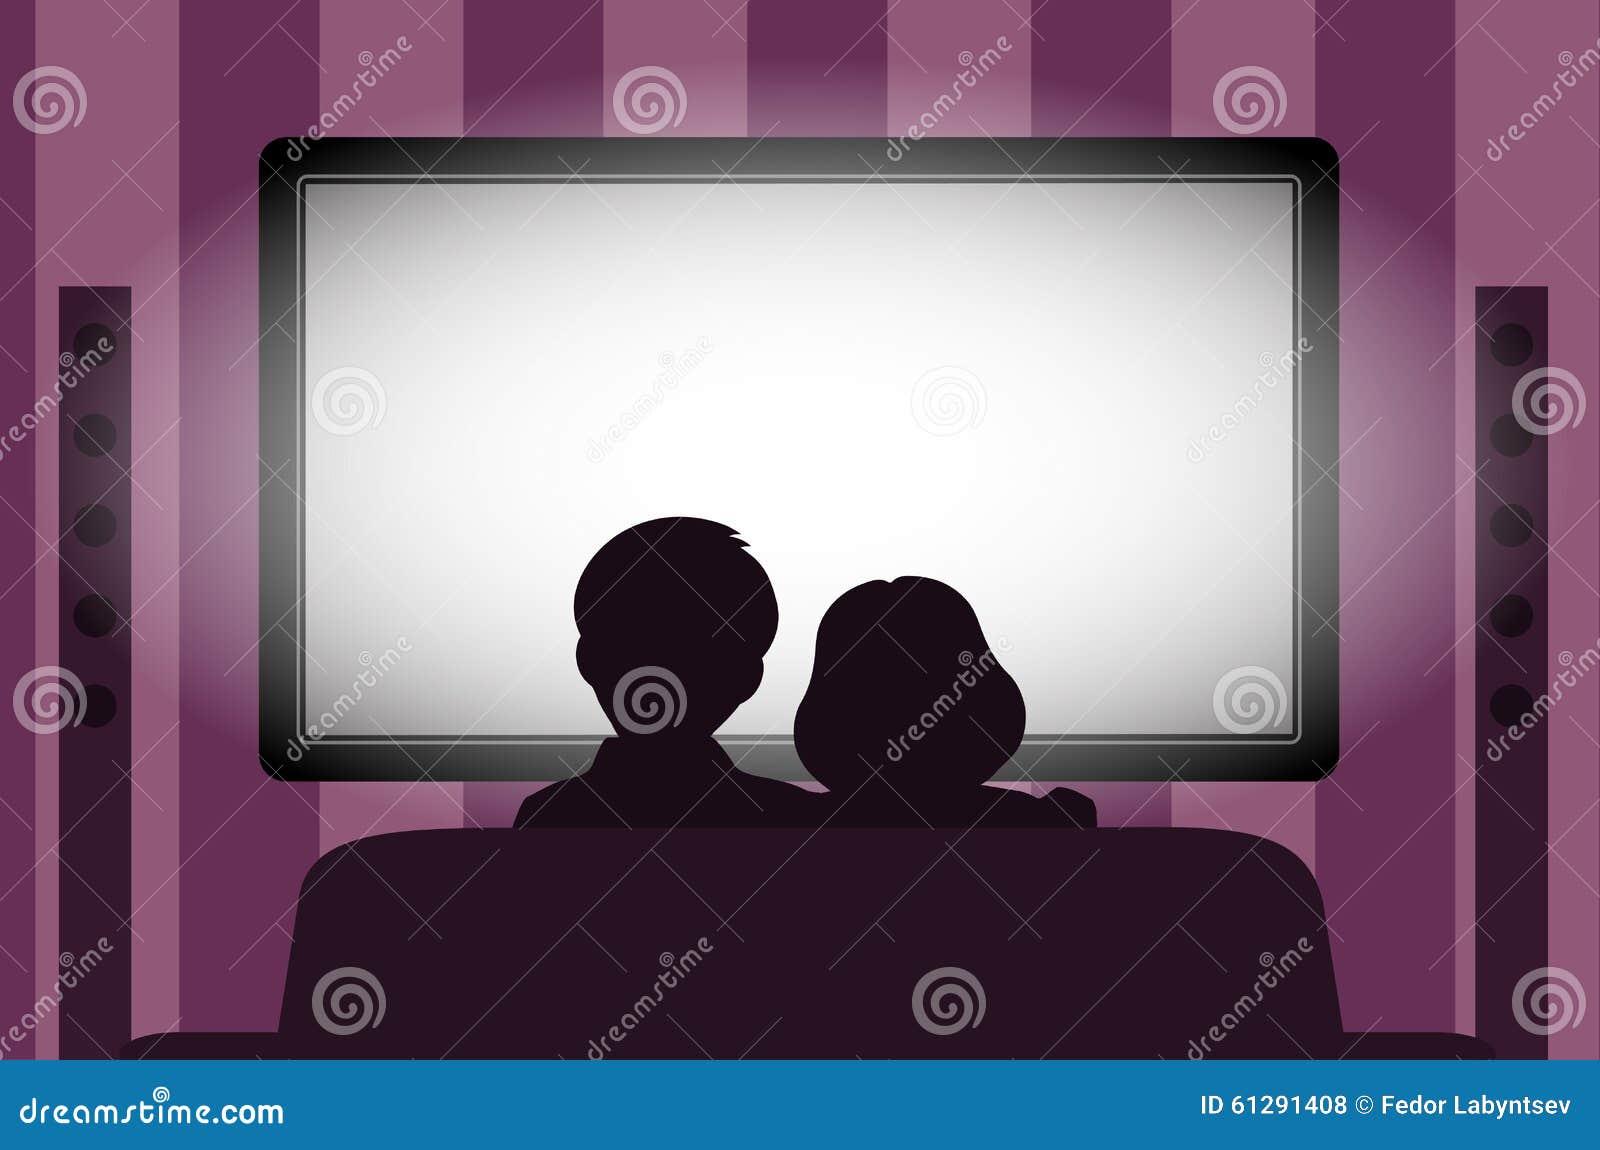 Familienfreizeit, Leute hinter Betrachtung des Fernsehens nachts